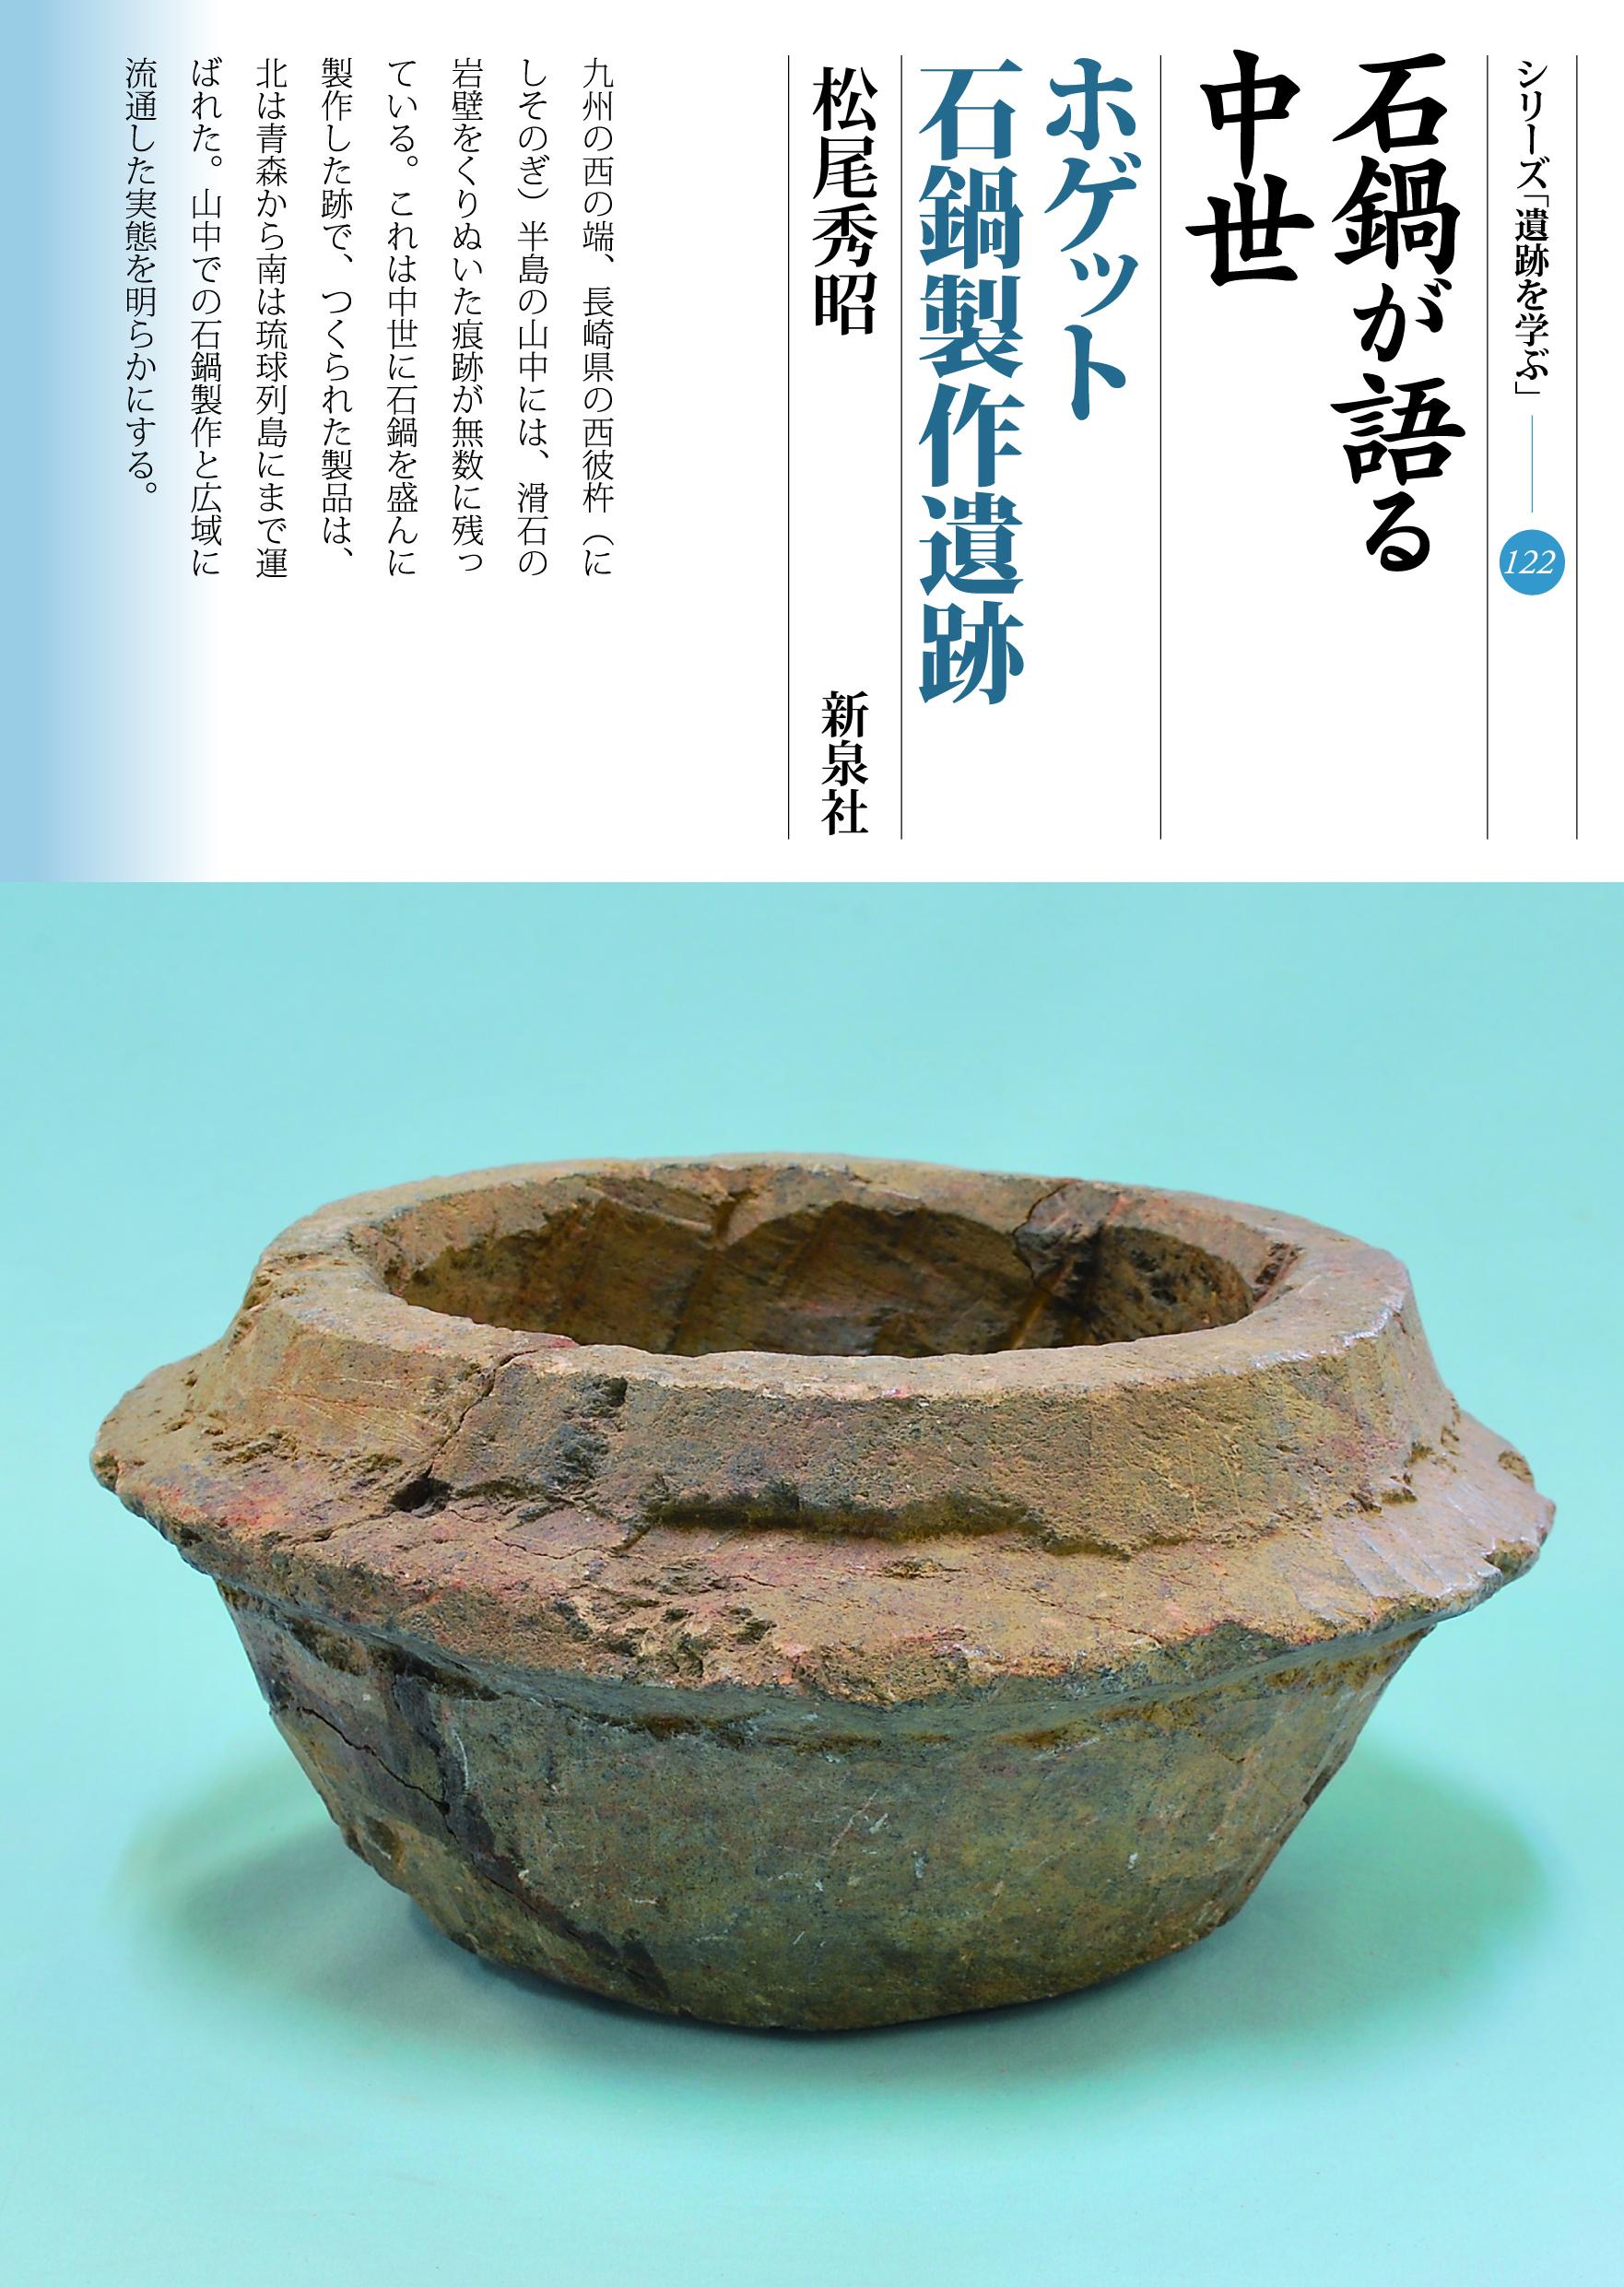 石鍋が語る中世・ホゲット石鍋製作遺跡